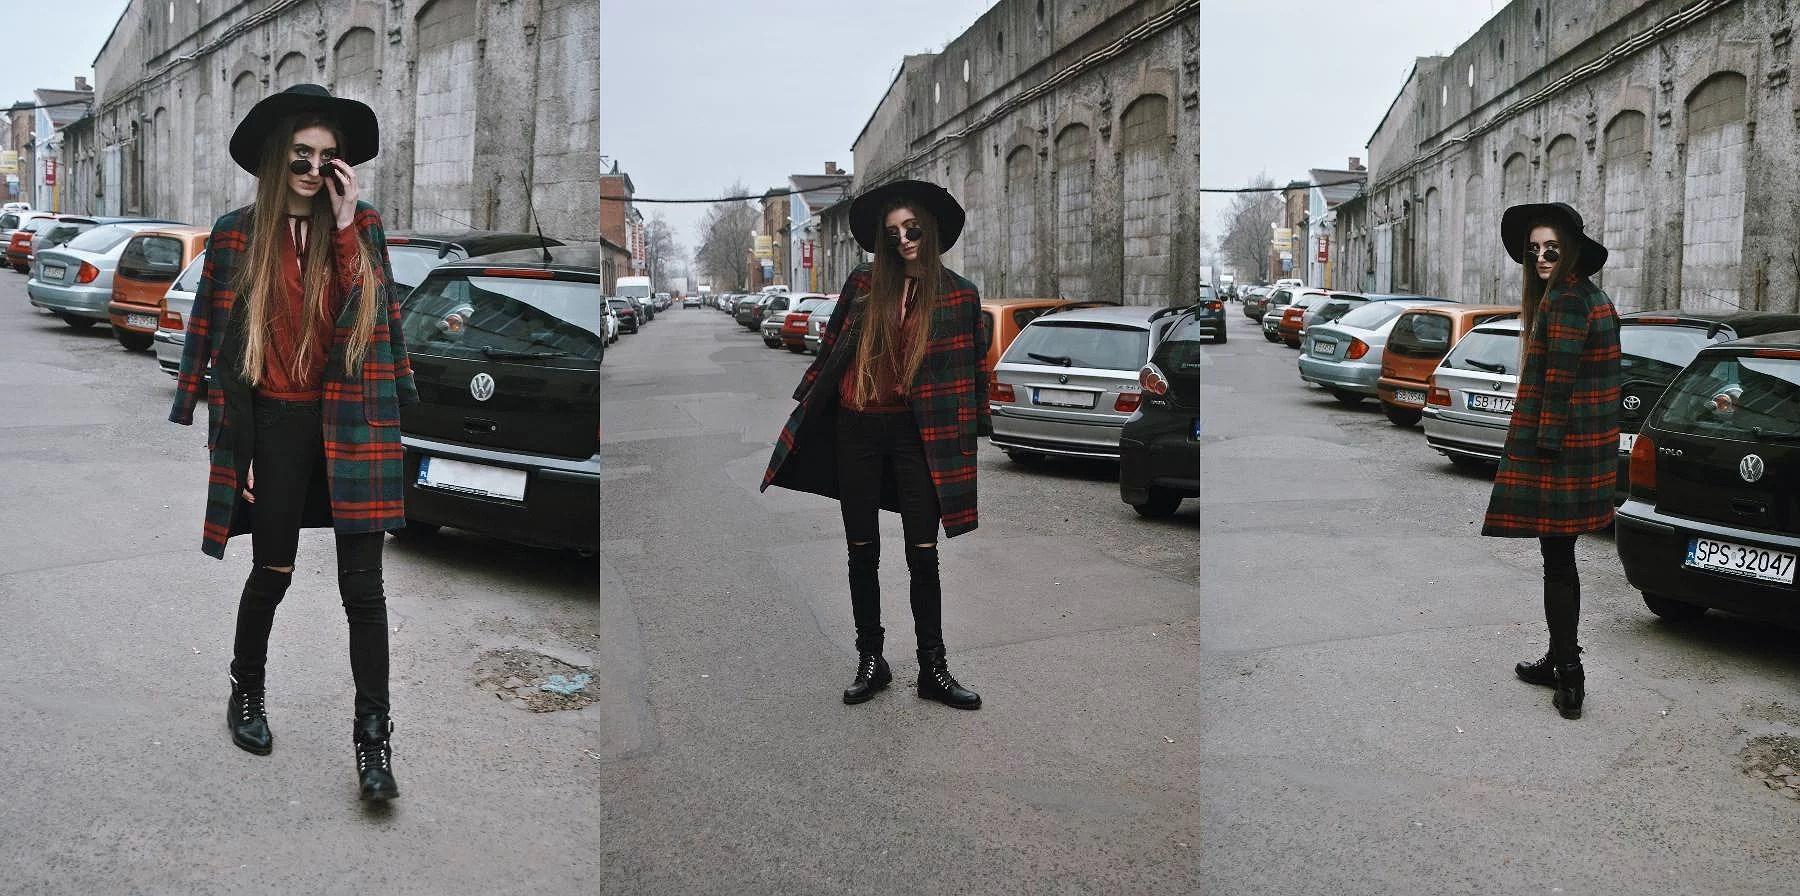 Płaszcz w kratkę - jeden z hitów jesień/zima 2016/17 + stylizacja